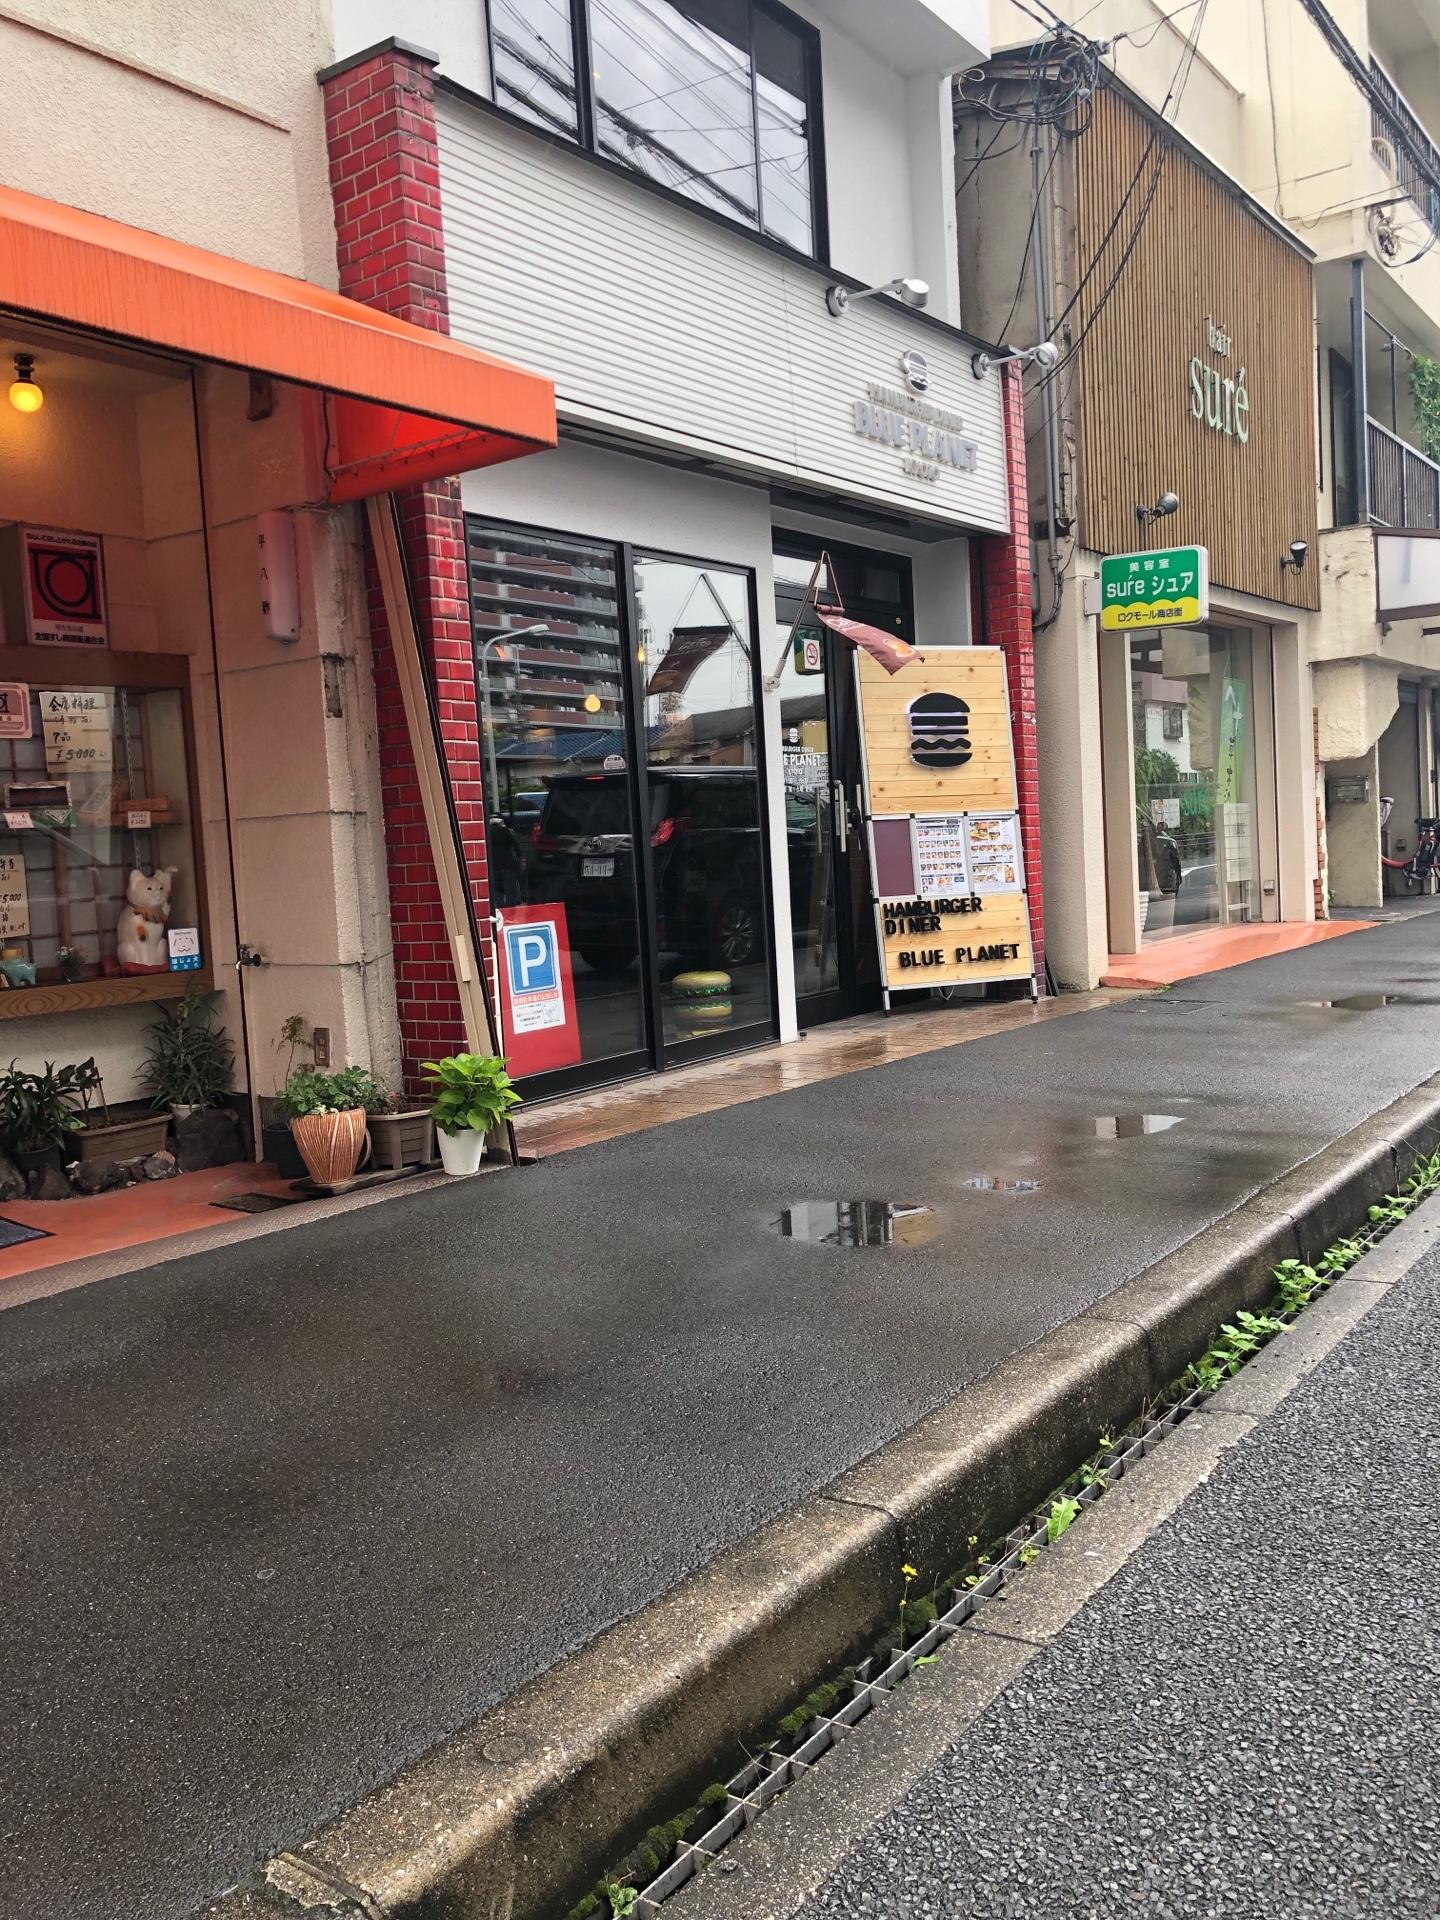 ハンバーガーダイナー ブループラネット(宇治市/ハンバーガー